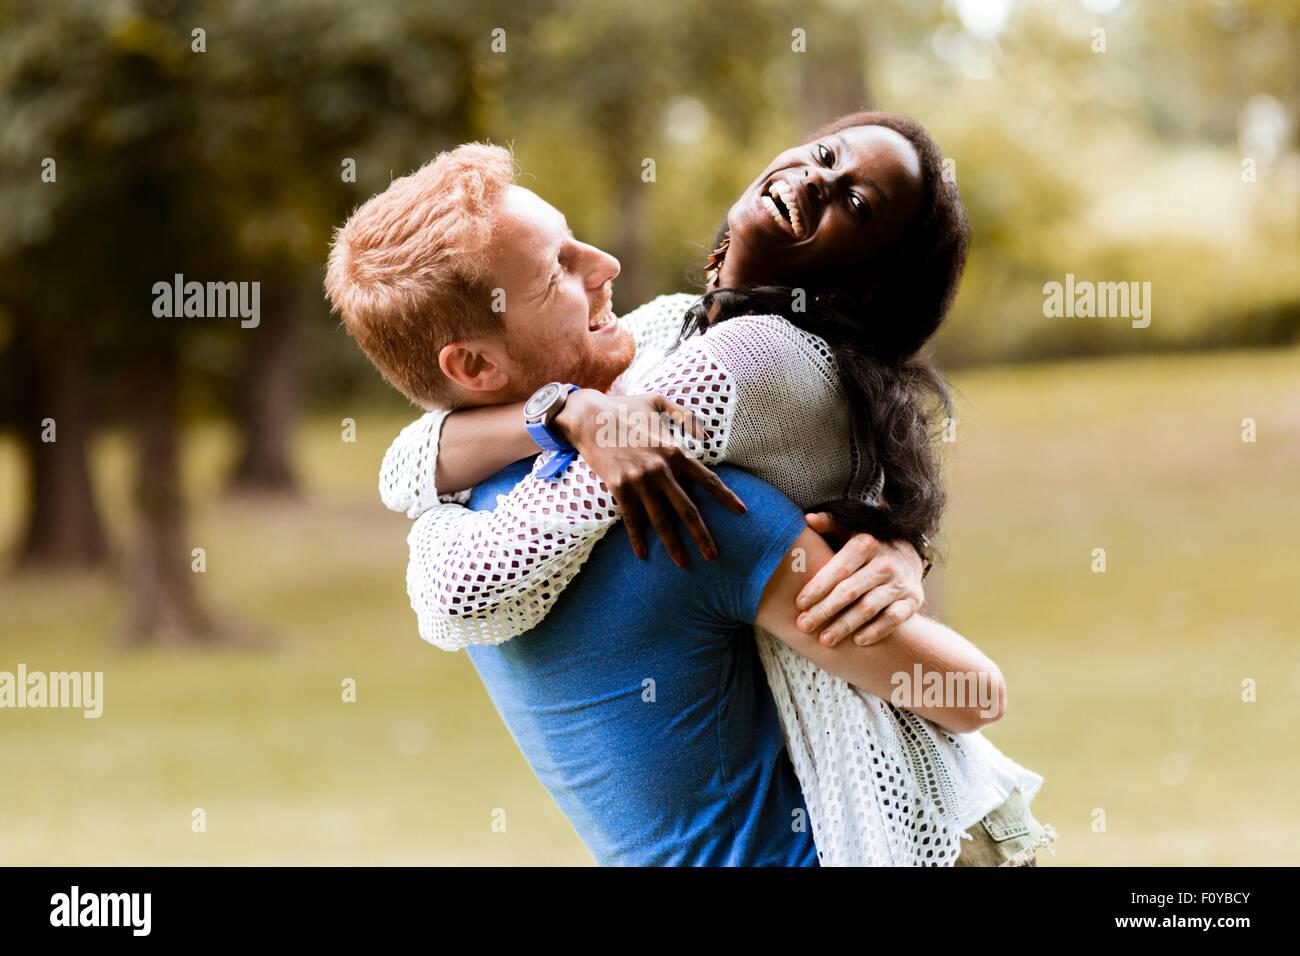 Ritratto di una felice coppia danzante e abbracciando in un parco all'aperto Immagini Stock